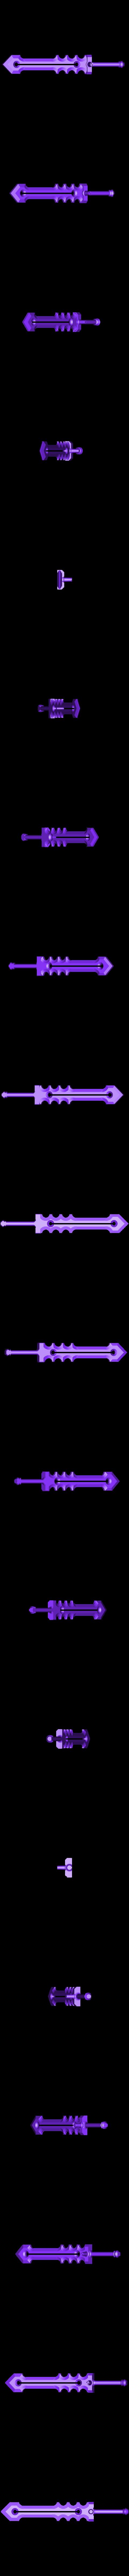 weapon2.stl Télécharger fichier STL gratuit Gorille Ares • Plan pour imprimante 3D, Pwenyrr